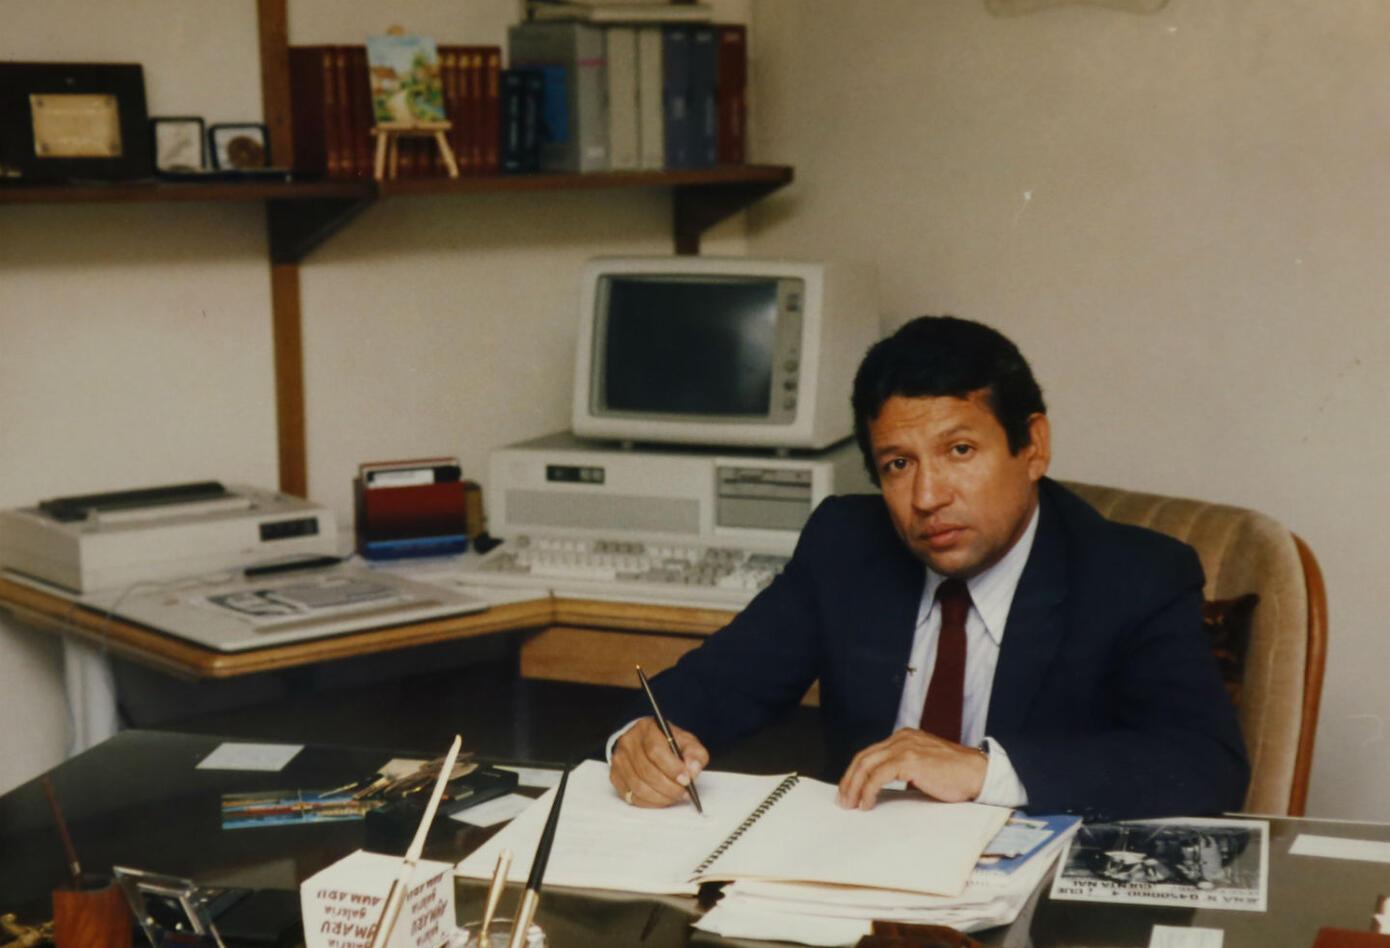 El periodista Jorge Enrique Pulido el 29 de octubre de 1989 fue asesinado cerca de las instalaciones de Inravisión.